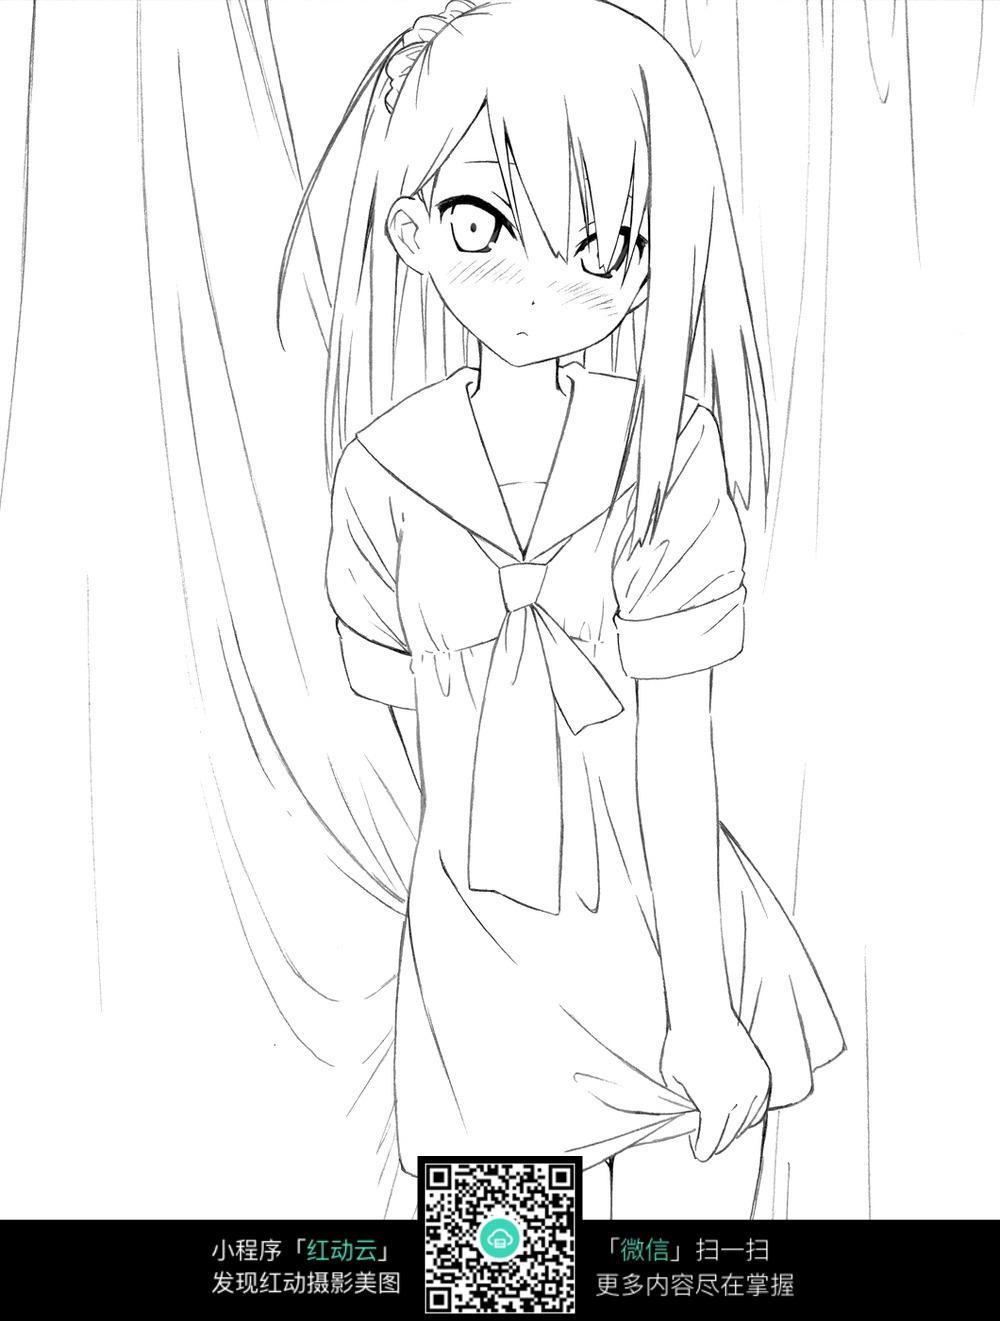 窗帘和女孩卡通手绘线稿